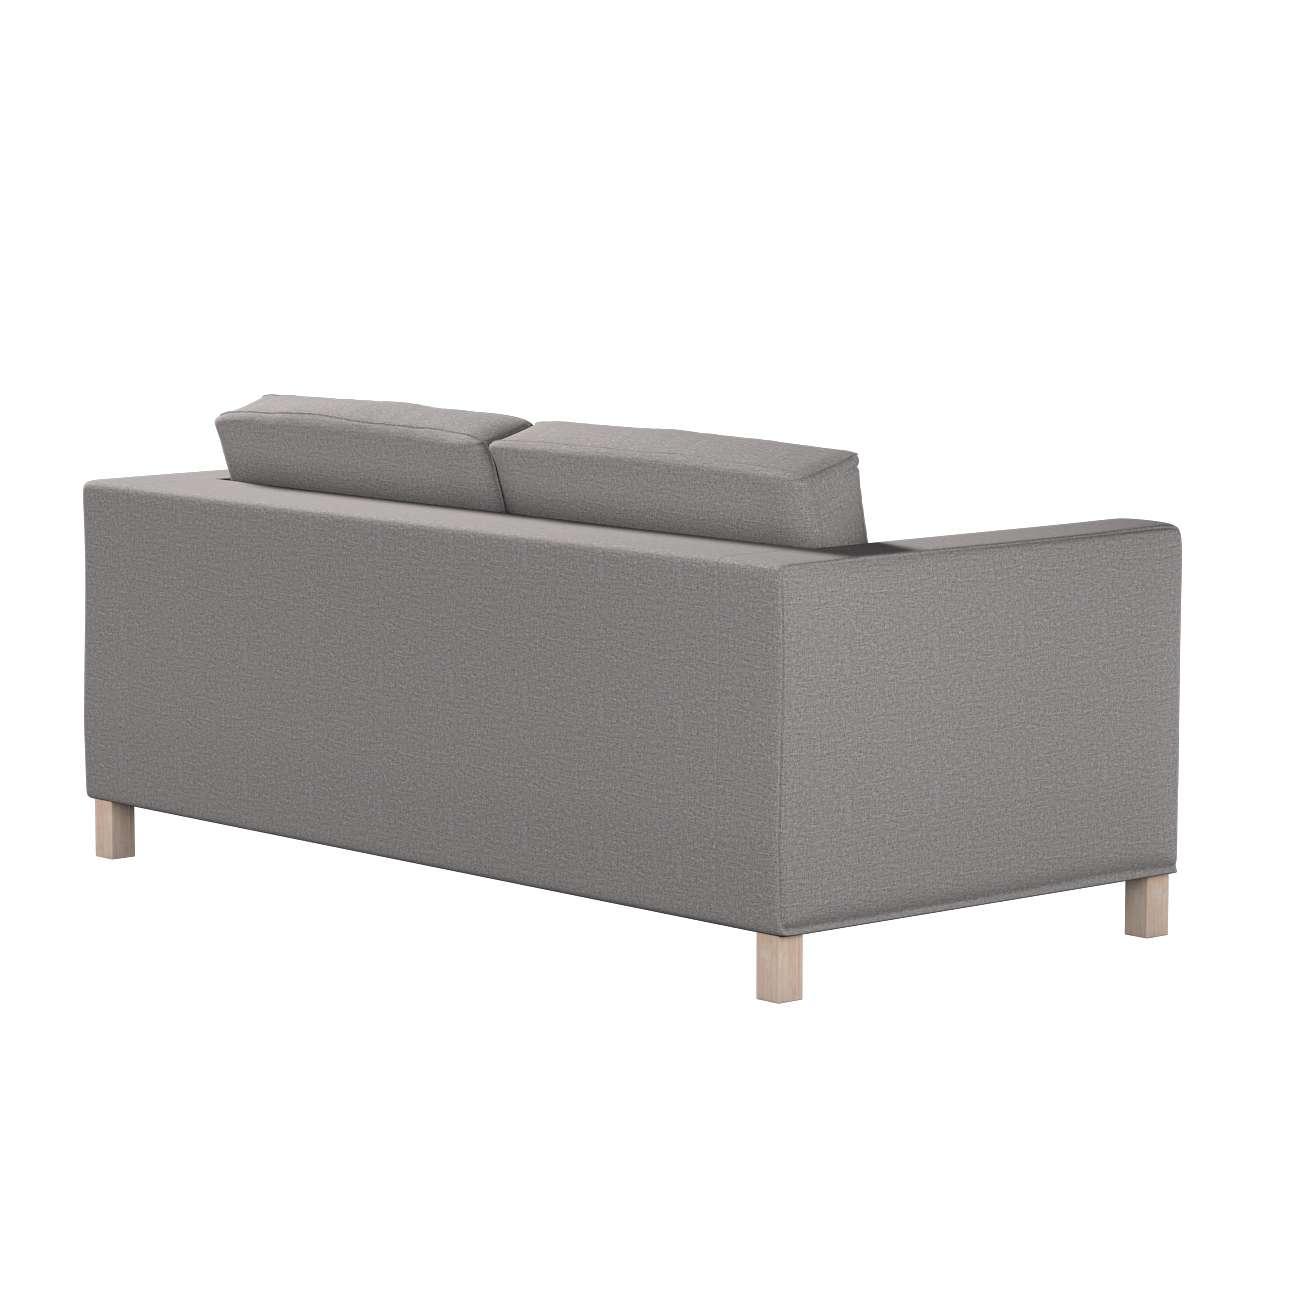 IKEA zitbankhoes/ overtrek voor Karlanda slaapbank, kort van de collectie Edinburgh, Stof: 115-81